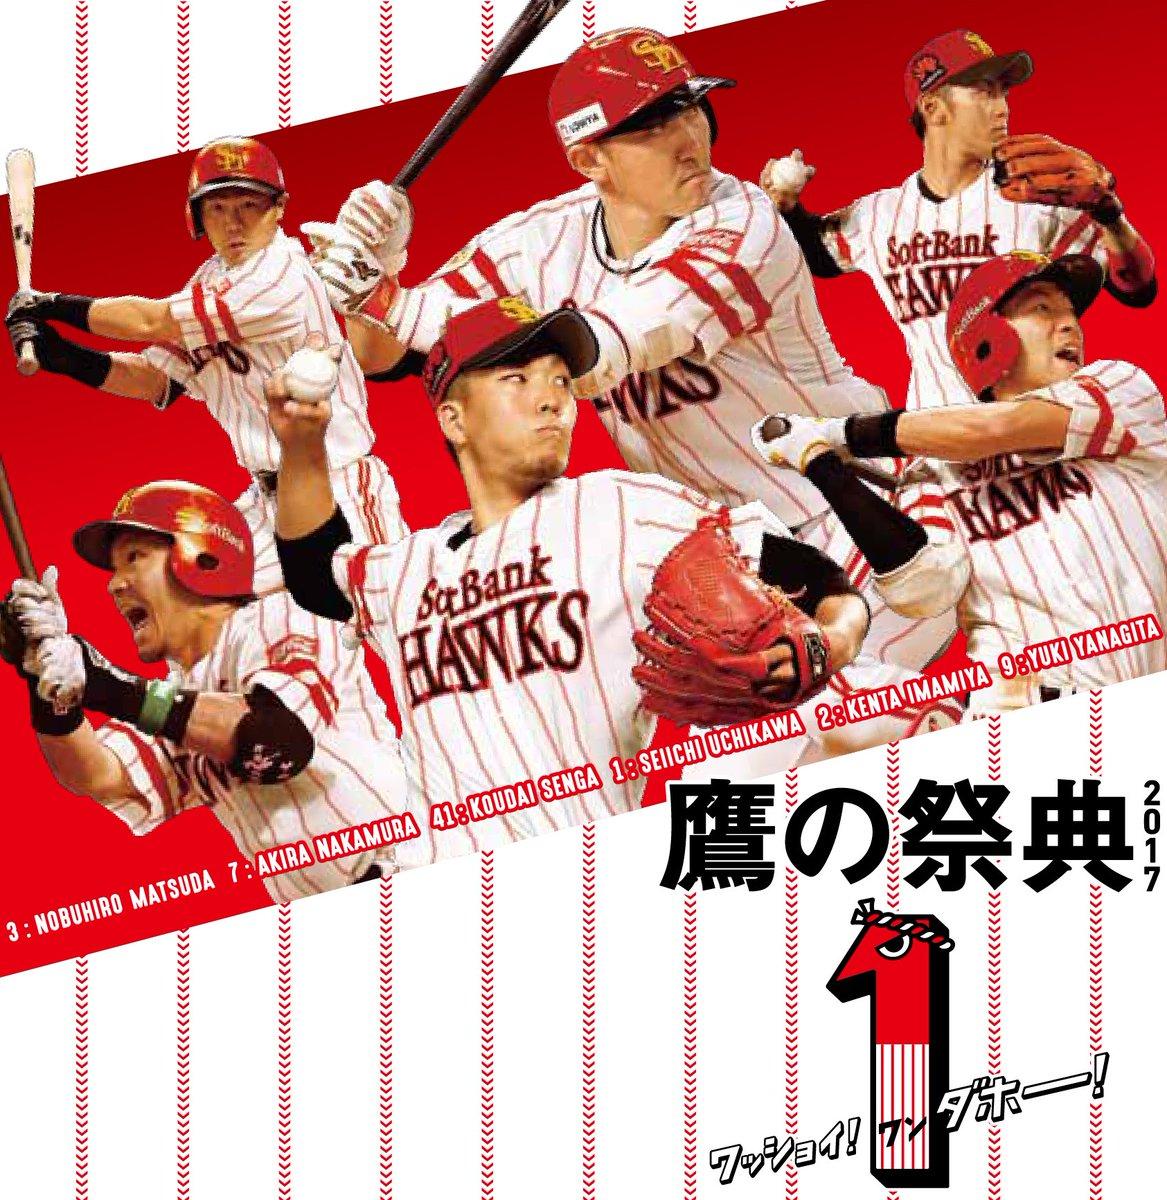 福岡ソフトバンクホークス(公式): Latest news, Breaking headlines and ...